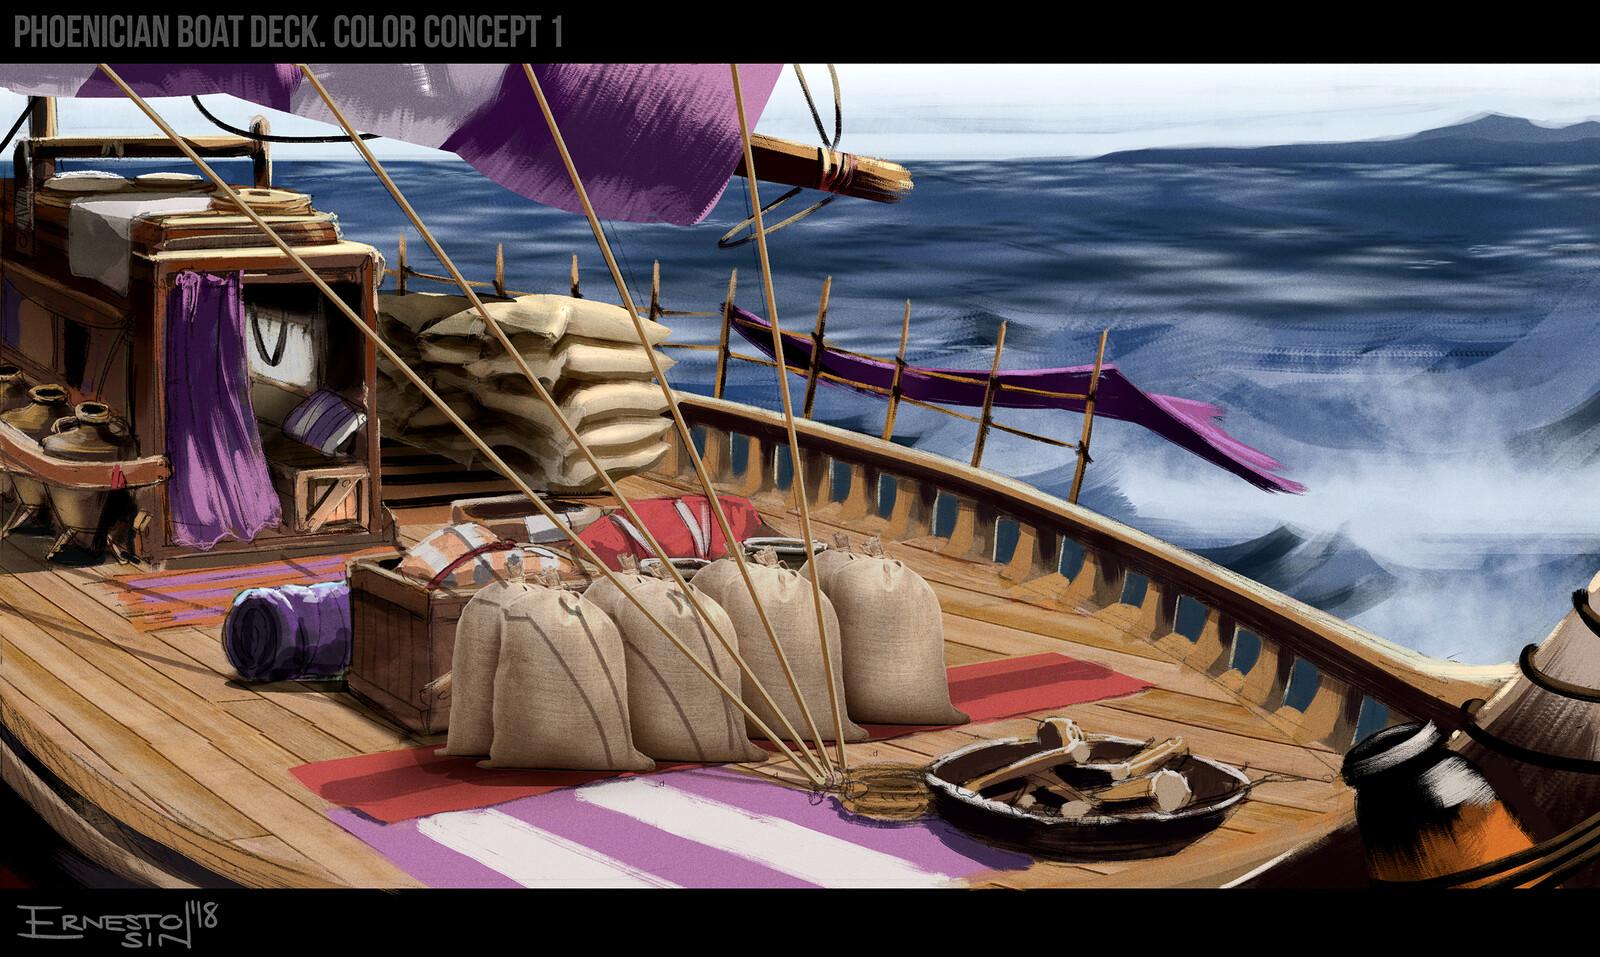 Main deck concept